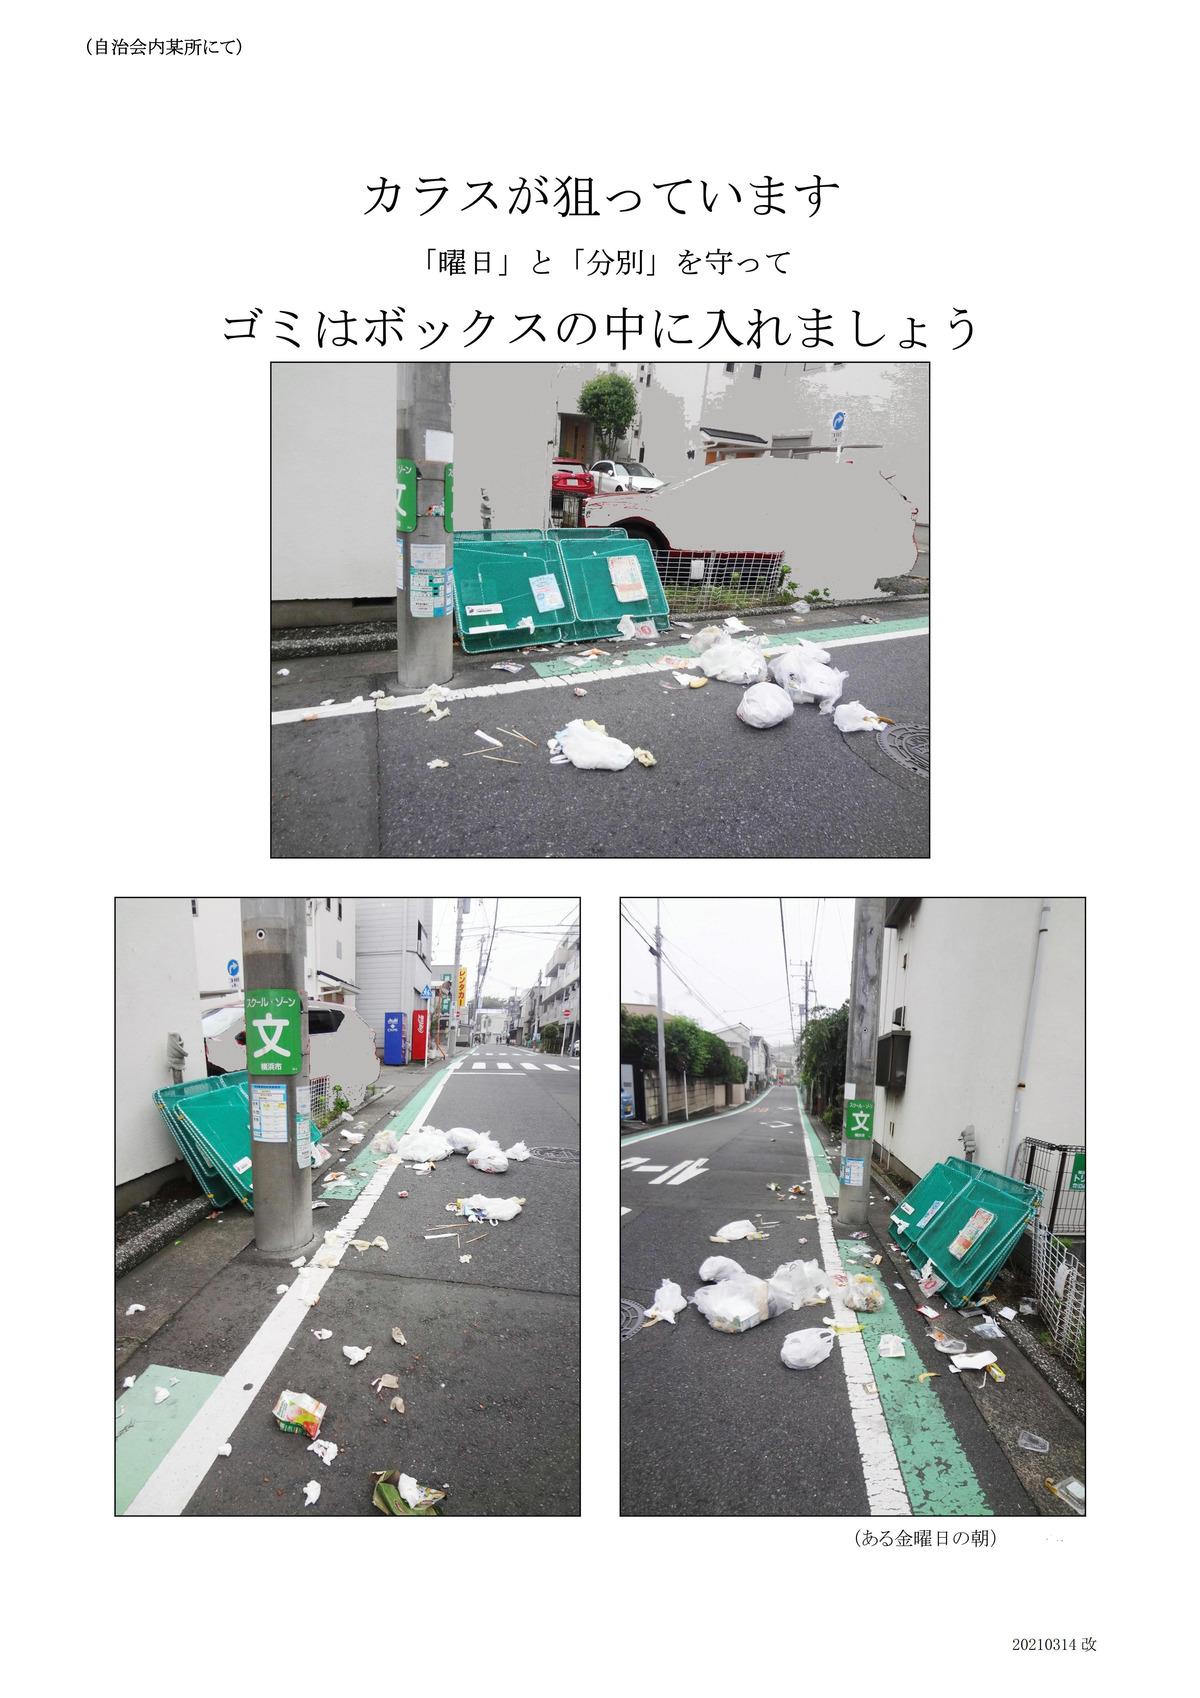 ごみ散乱写真_20210314改_1